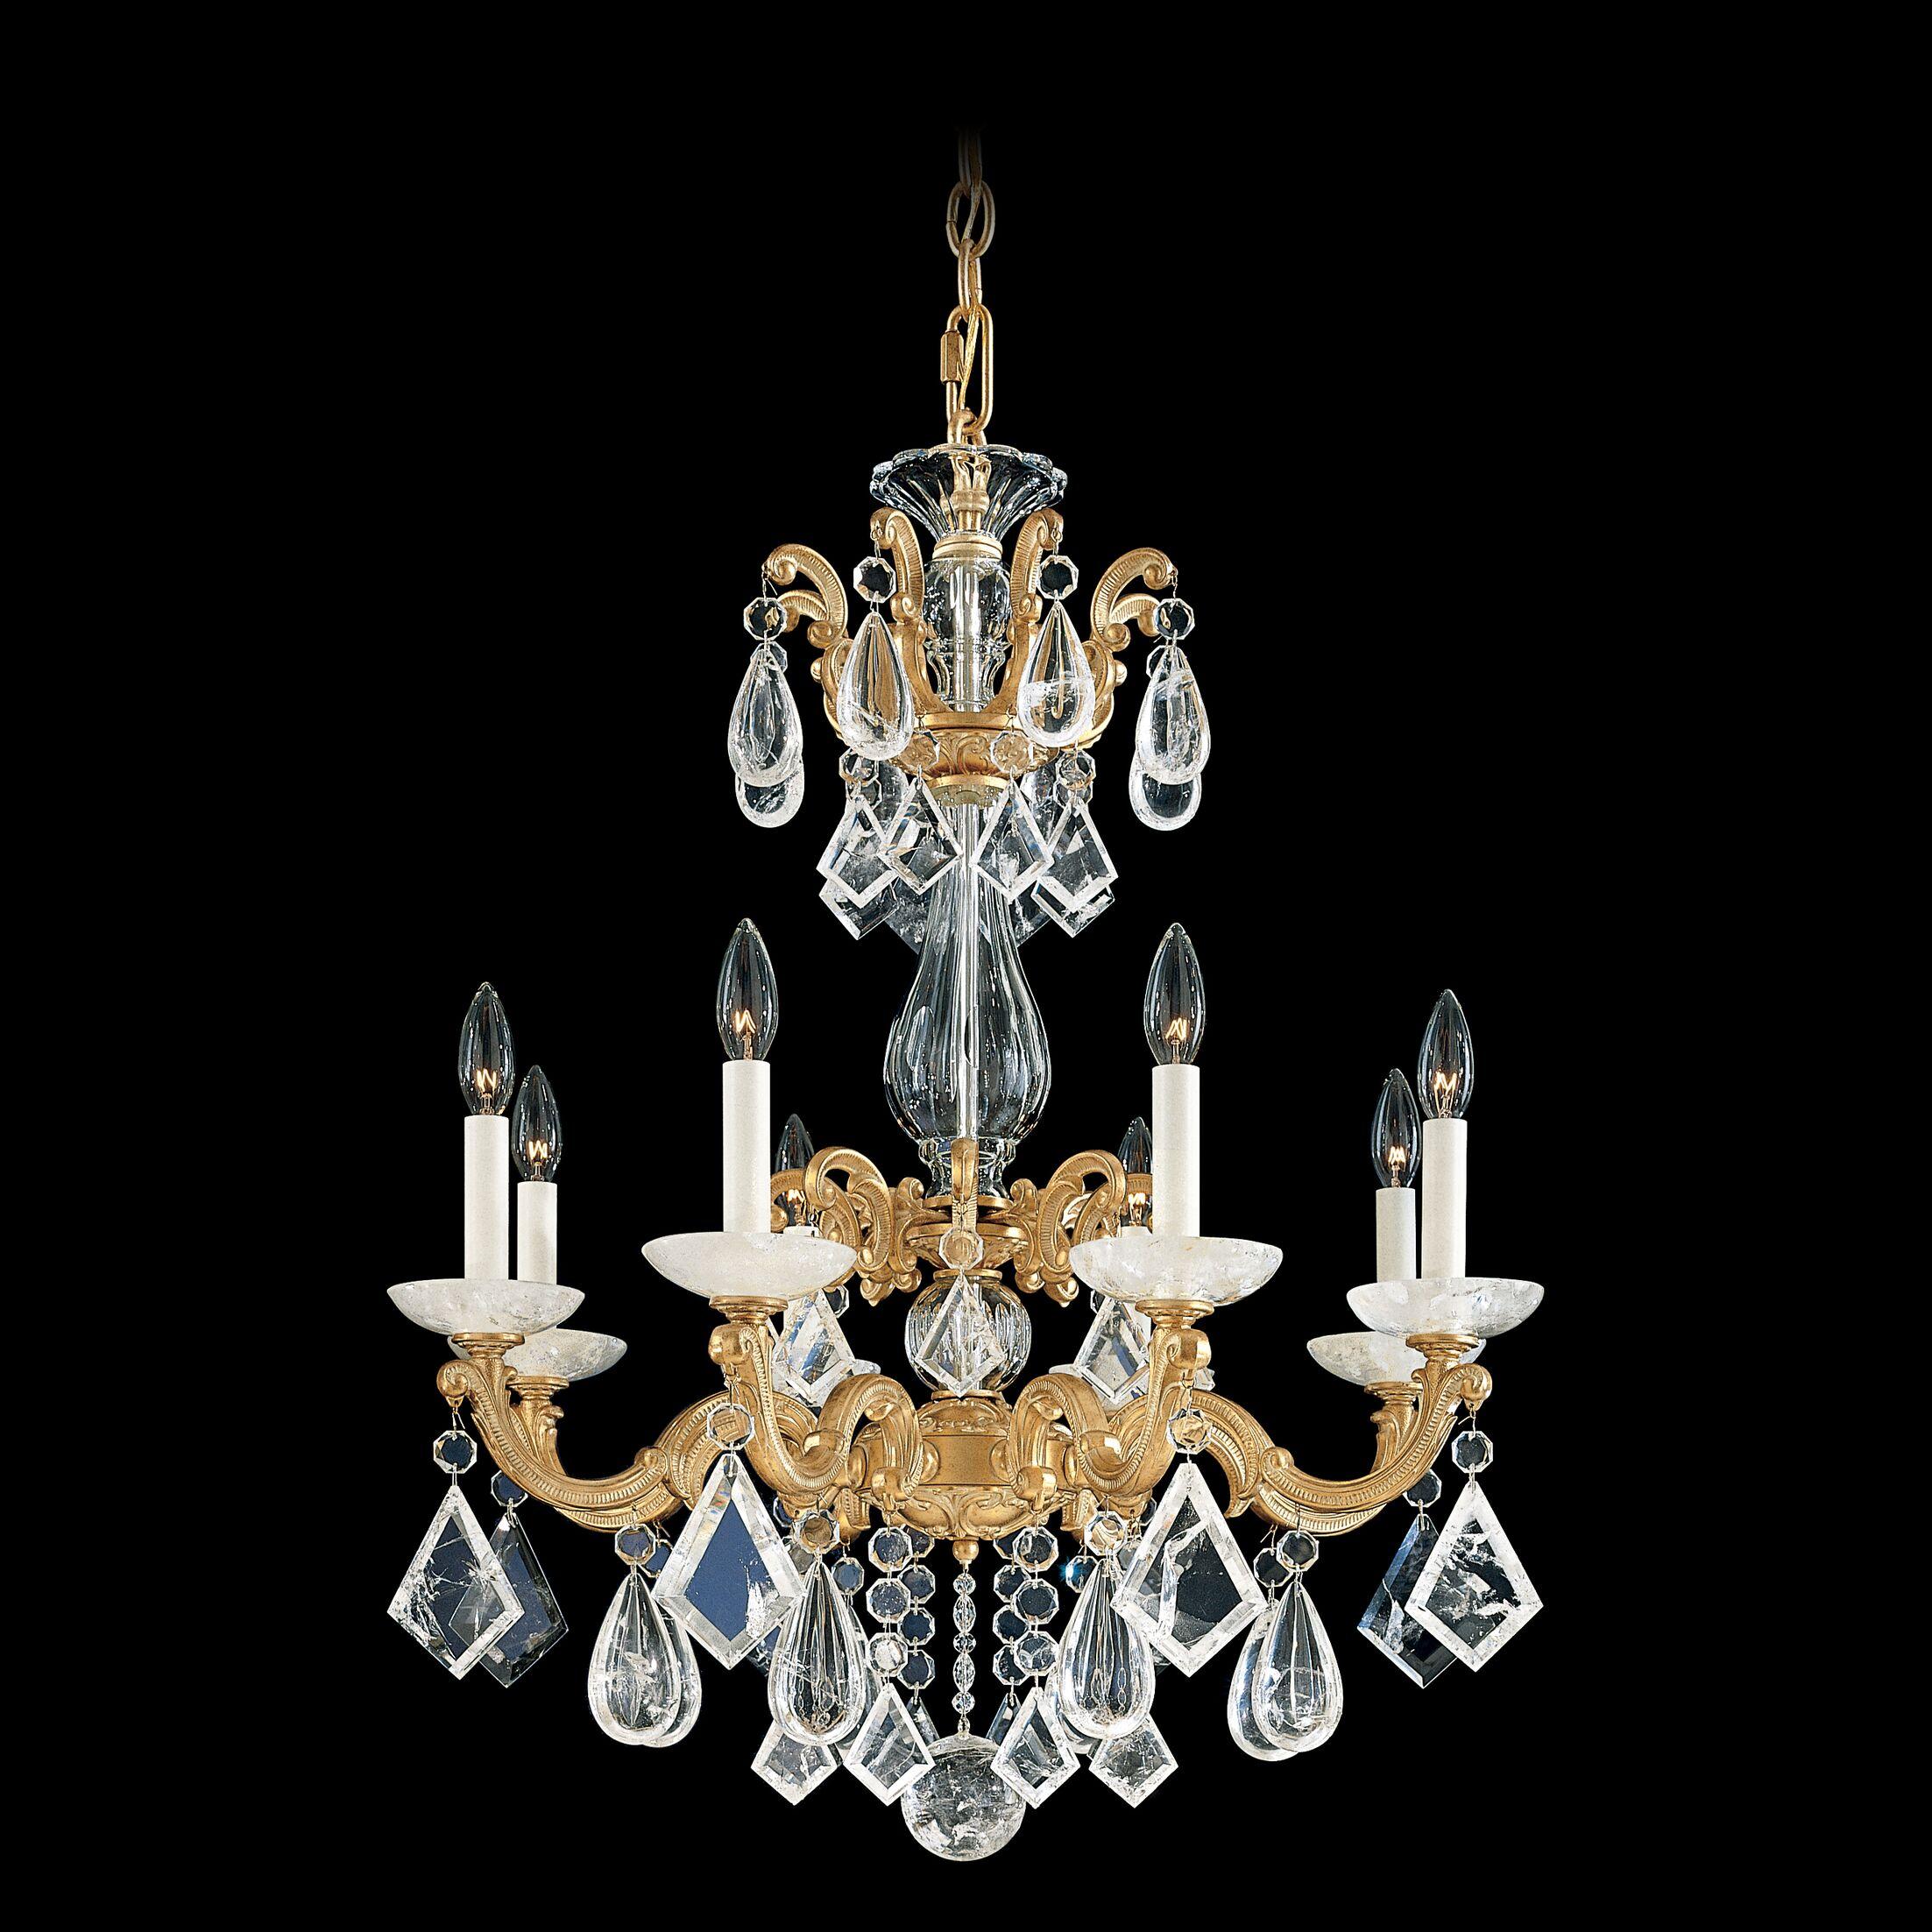 La Scala Rock Crystal 8-Light Chandelier